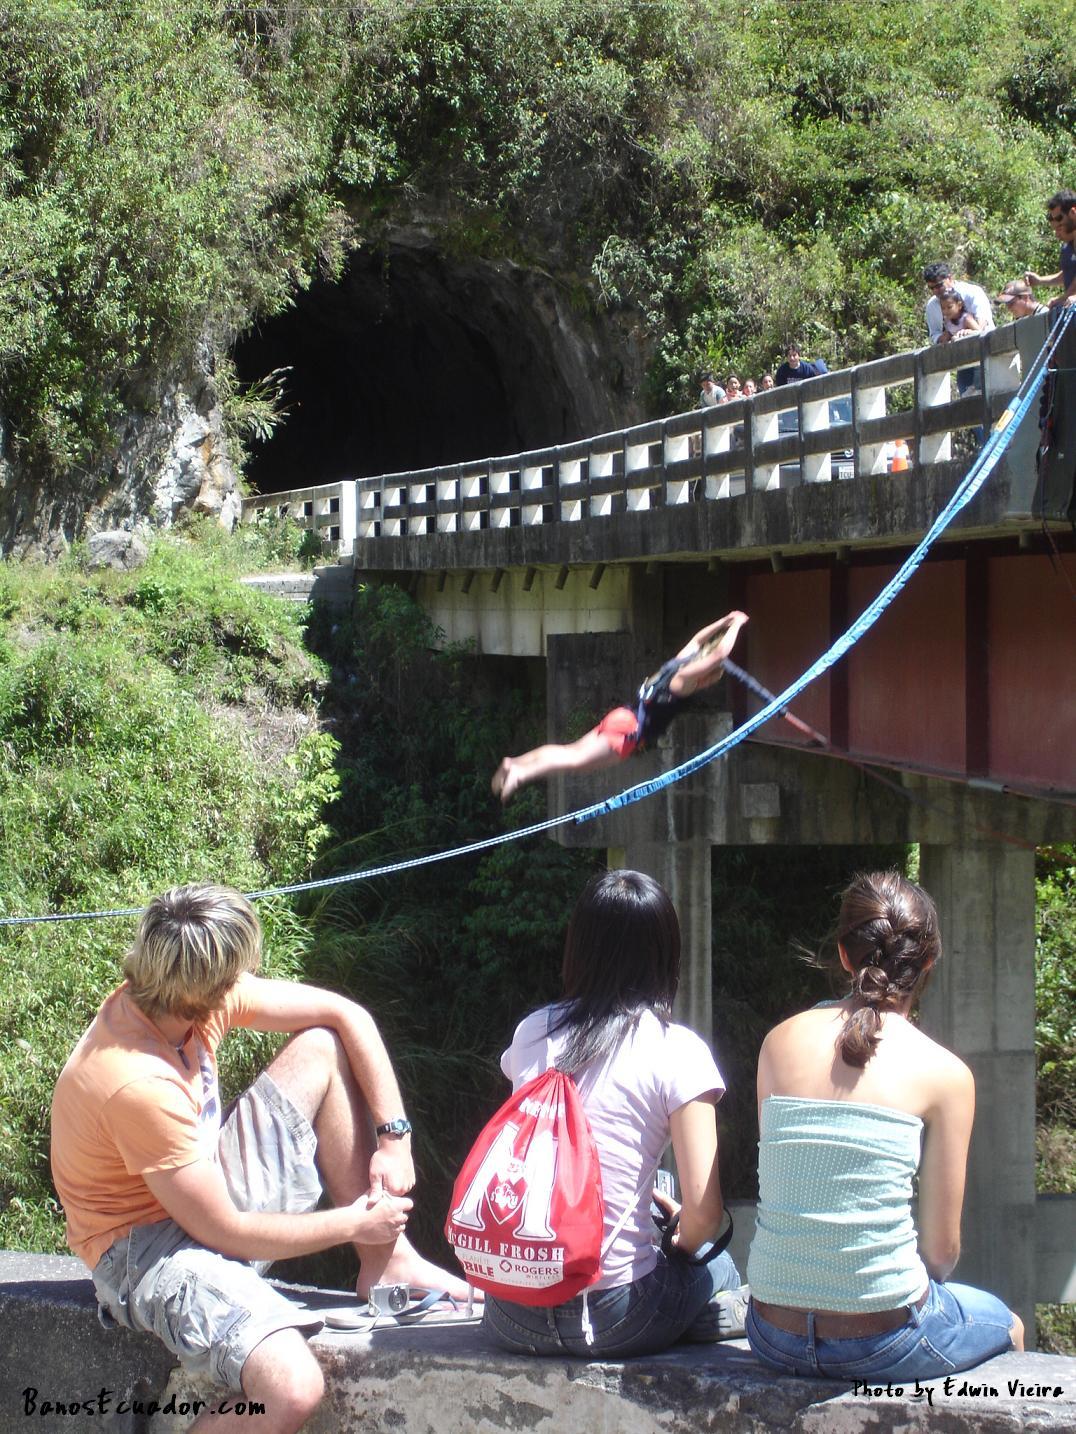 Baños Ecuador, actividades para el turista. que hacer en banos ecuador.